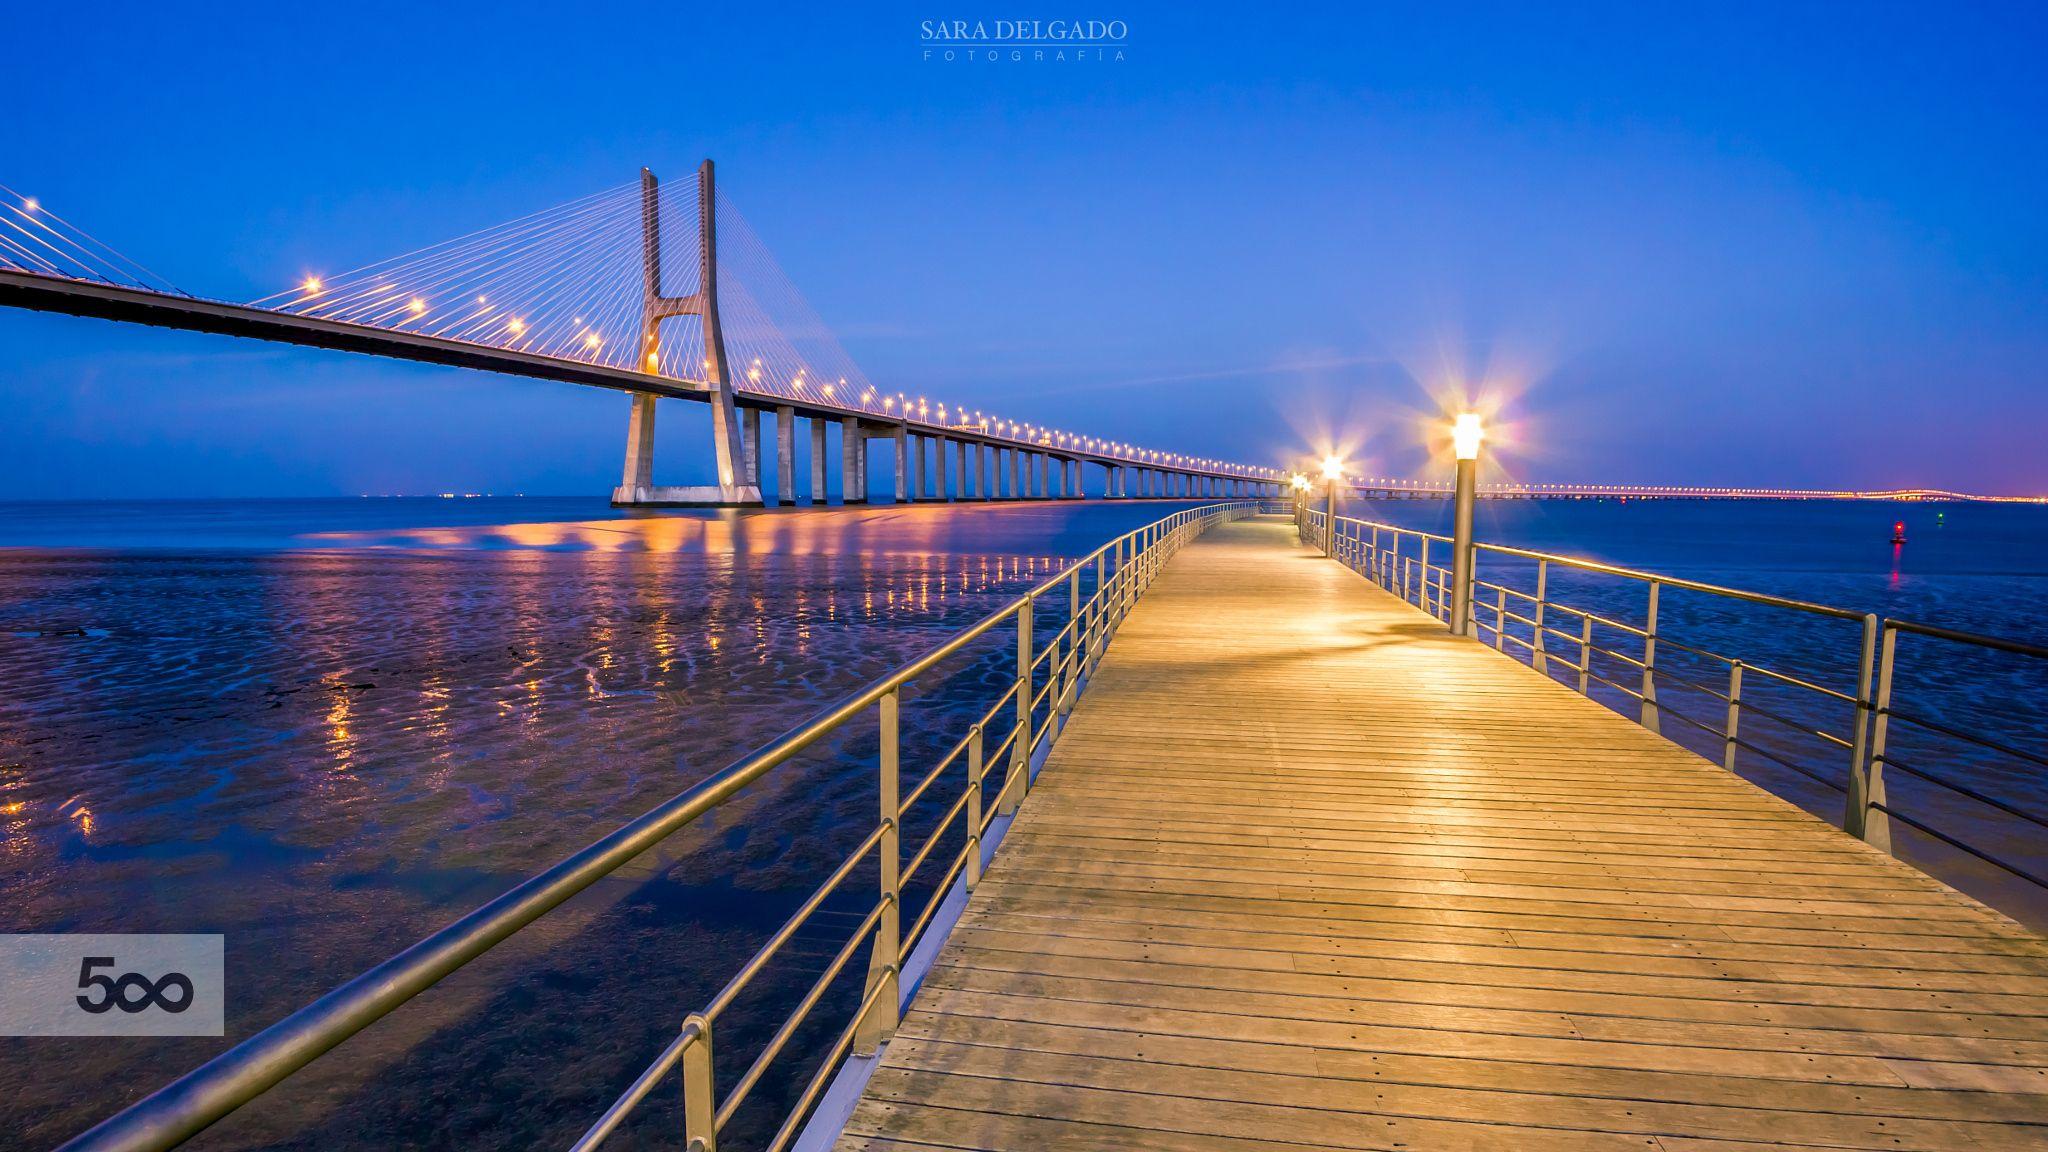 Anochecer en Lisboa by Sara Delgado on 500px